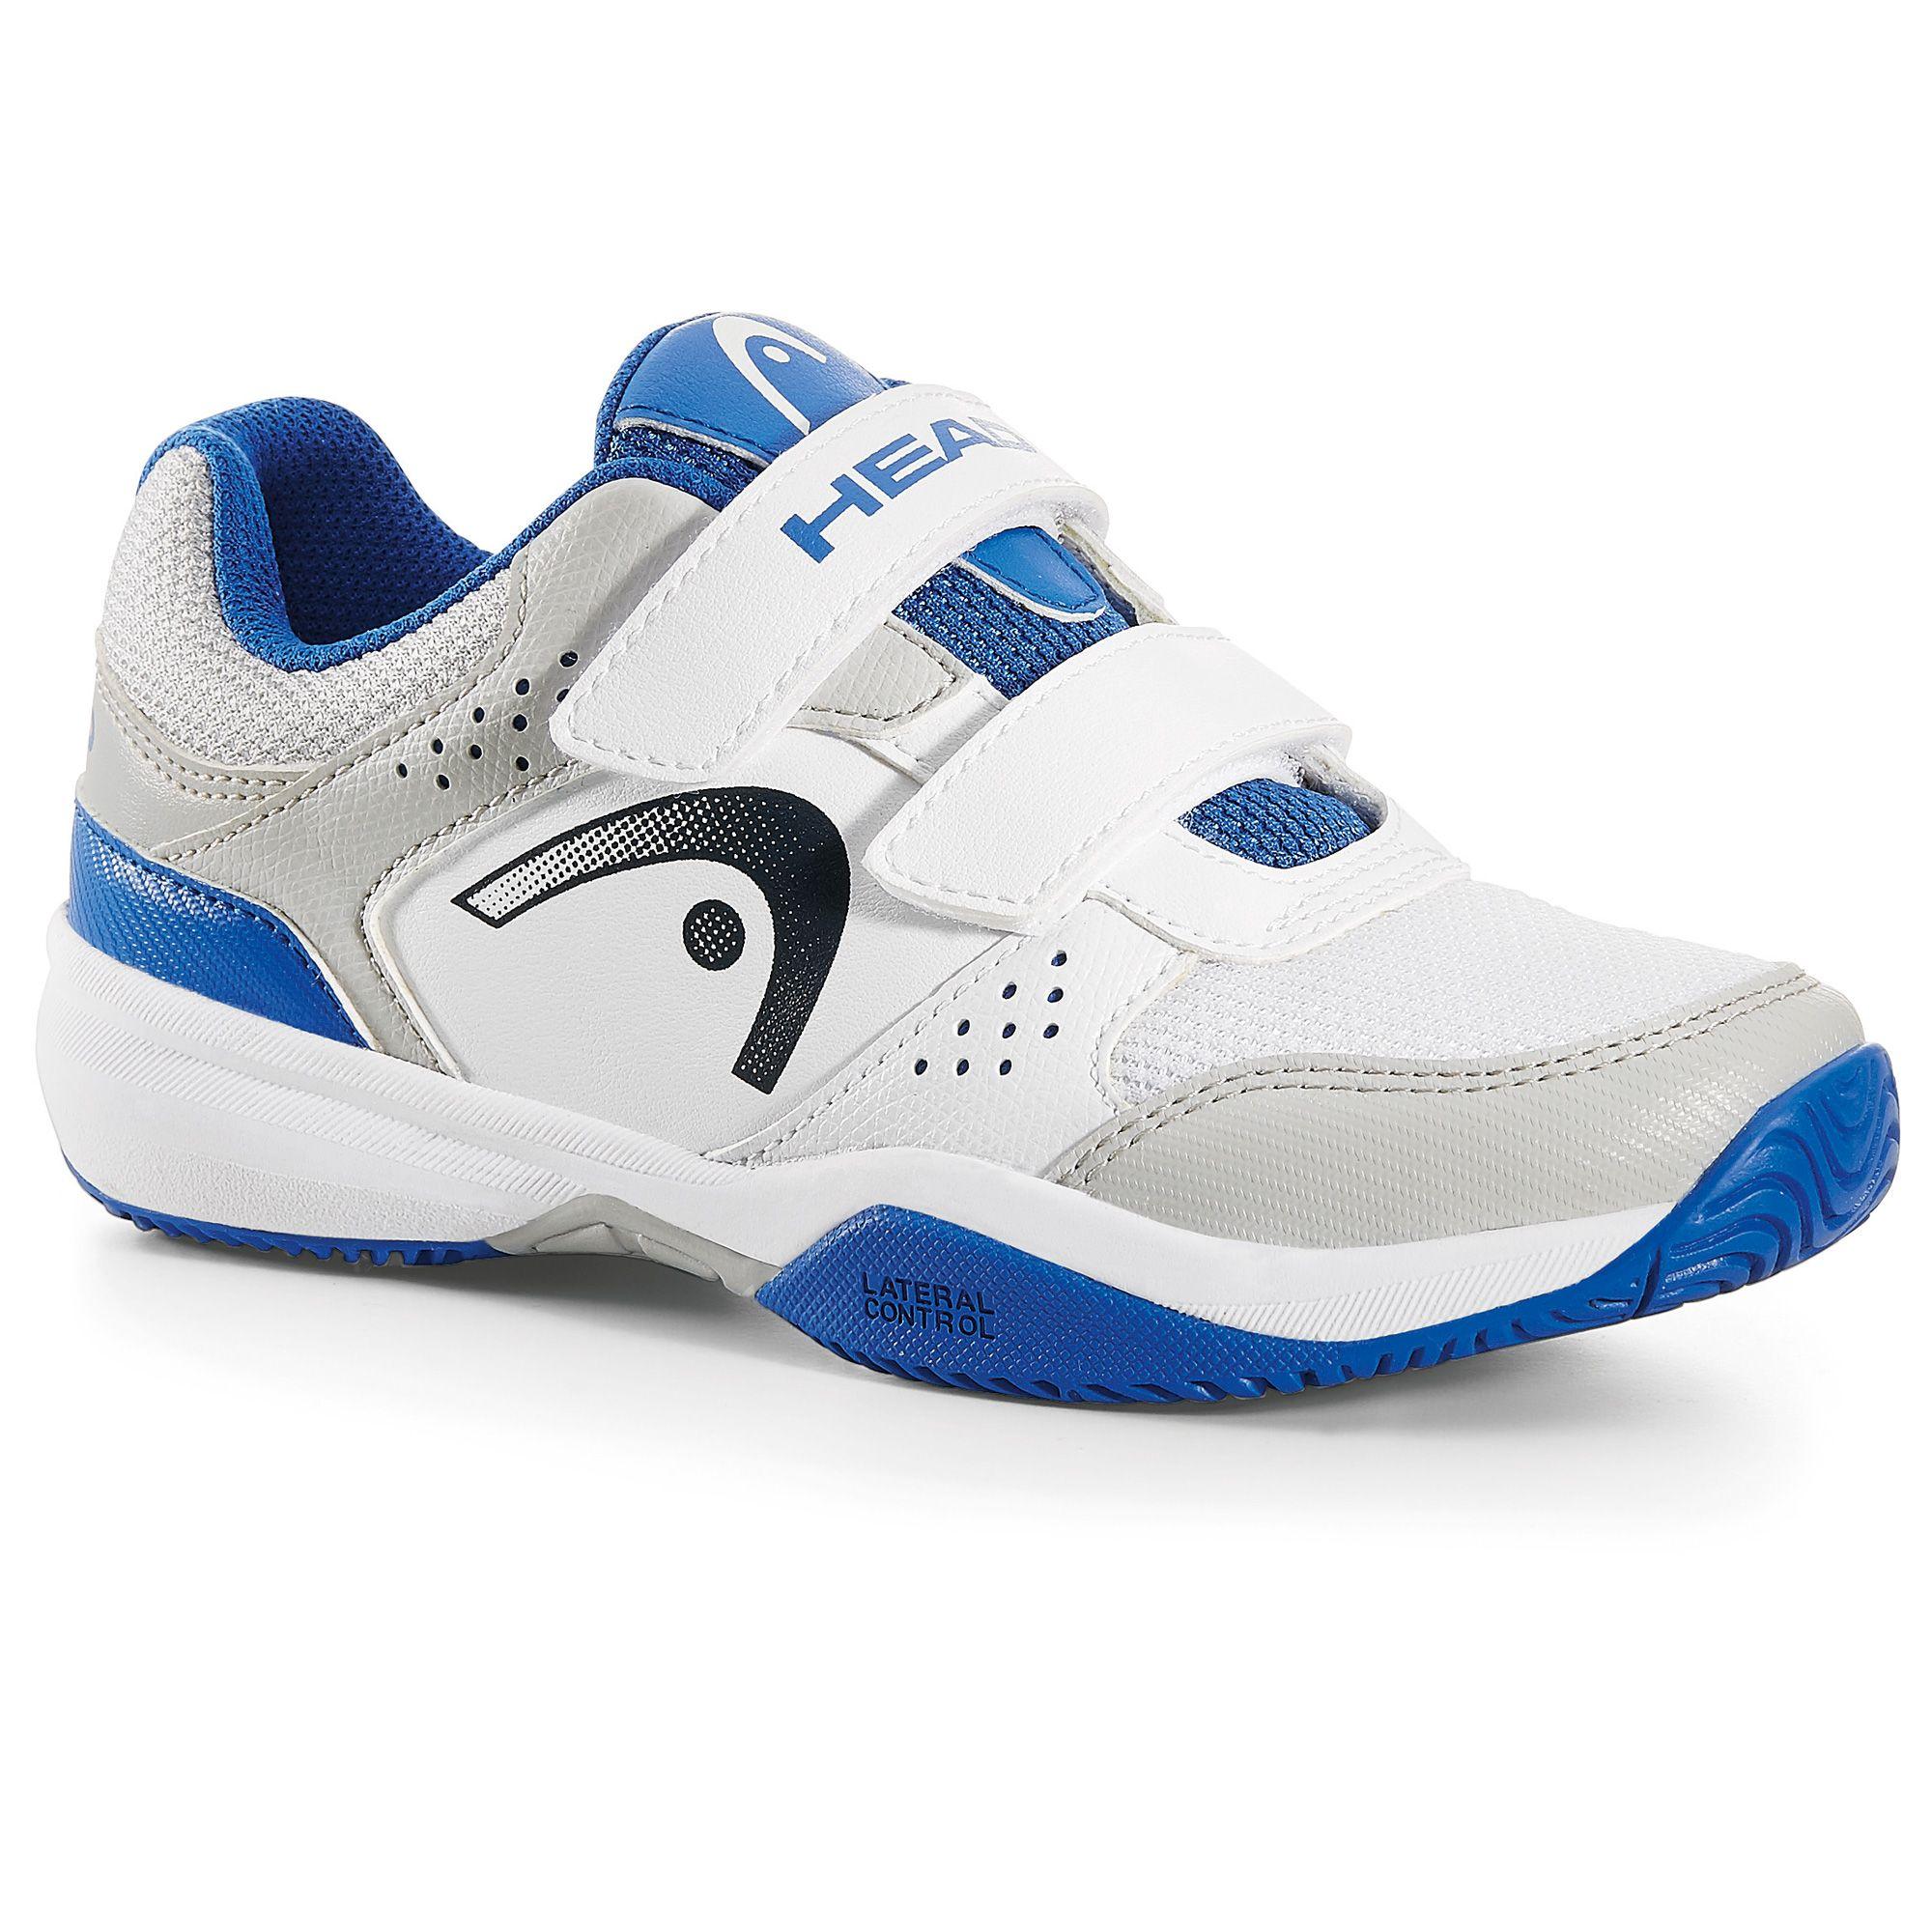 Head Lazer Velcro Junior Tennis Shoes Sweatband Com